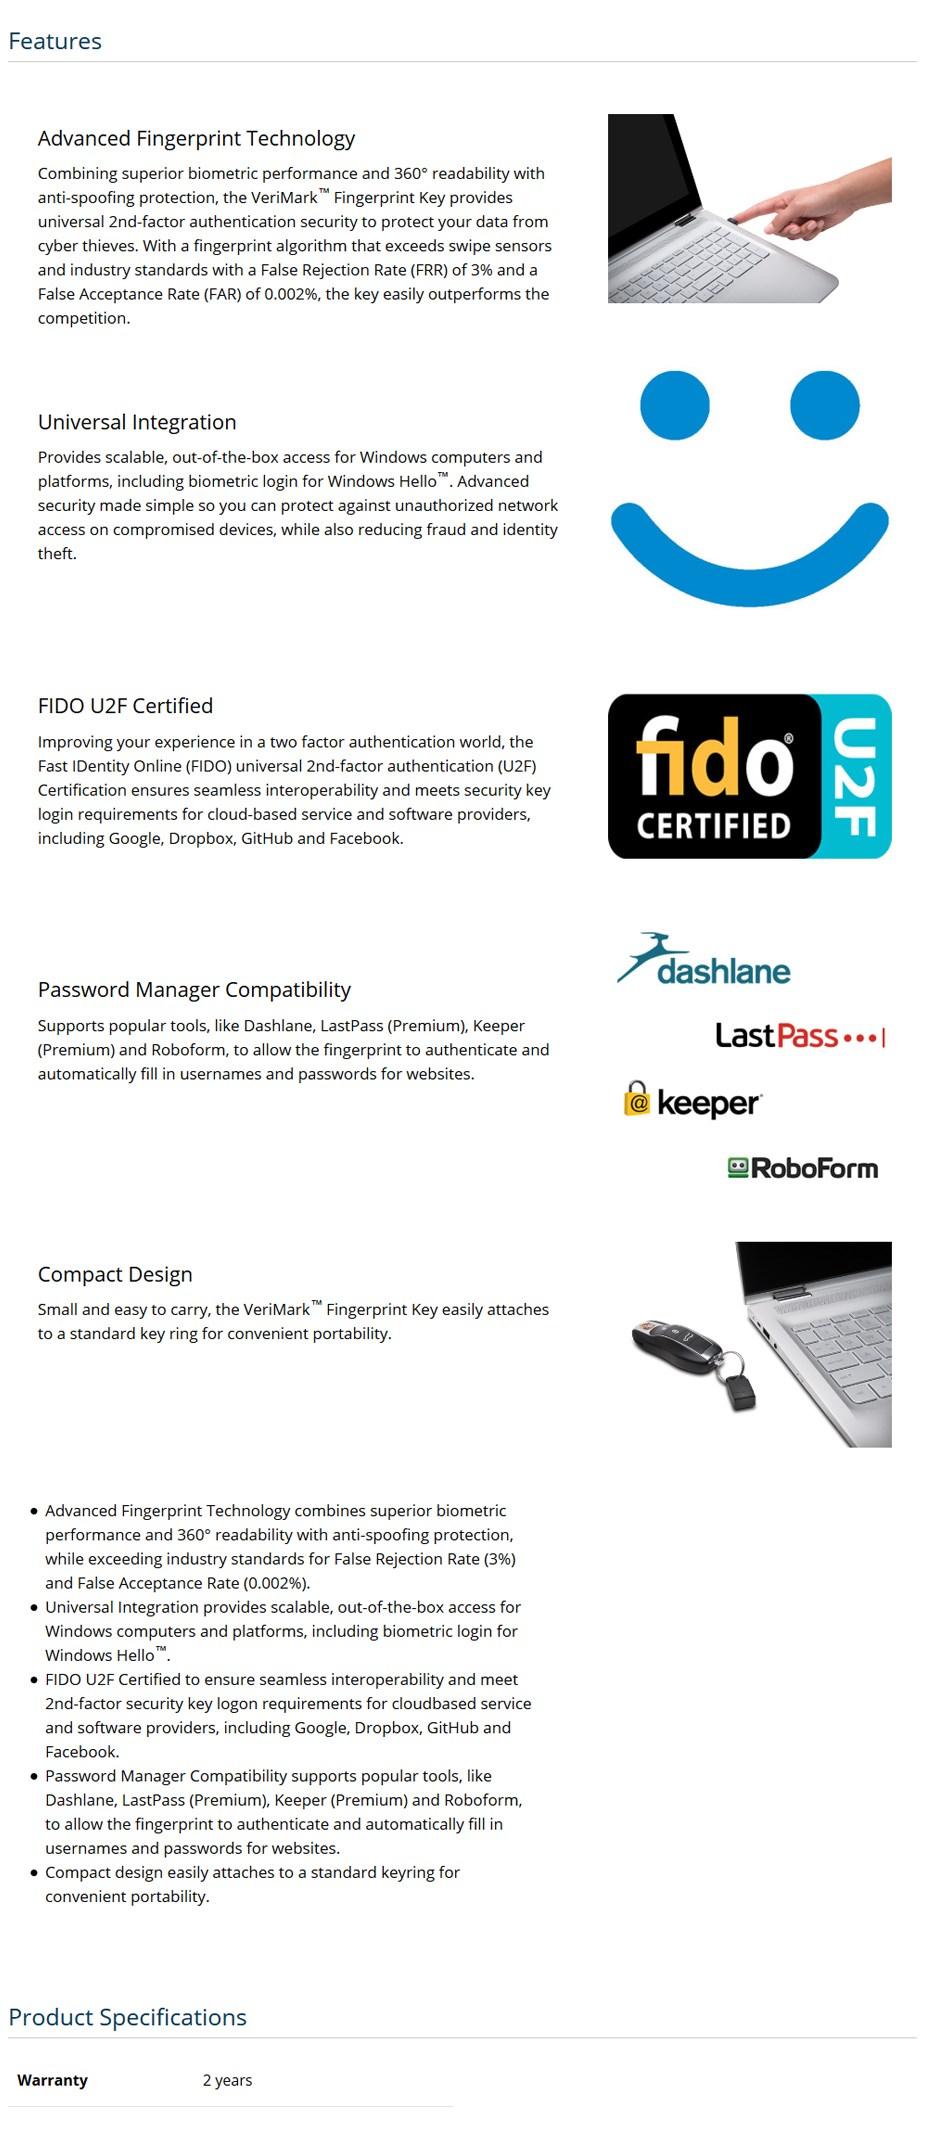 Kensington VeriMark Fingerprint Reader USB Dongle - Desktop Overview 1